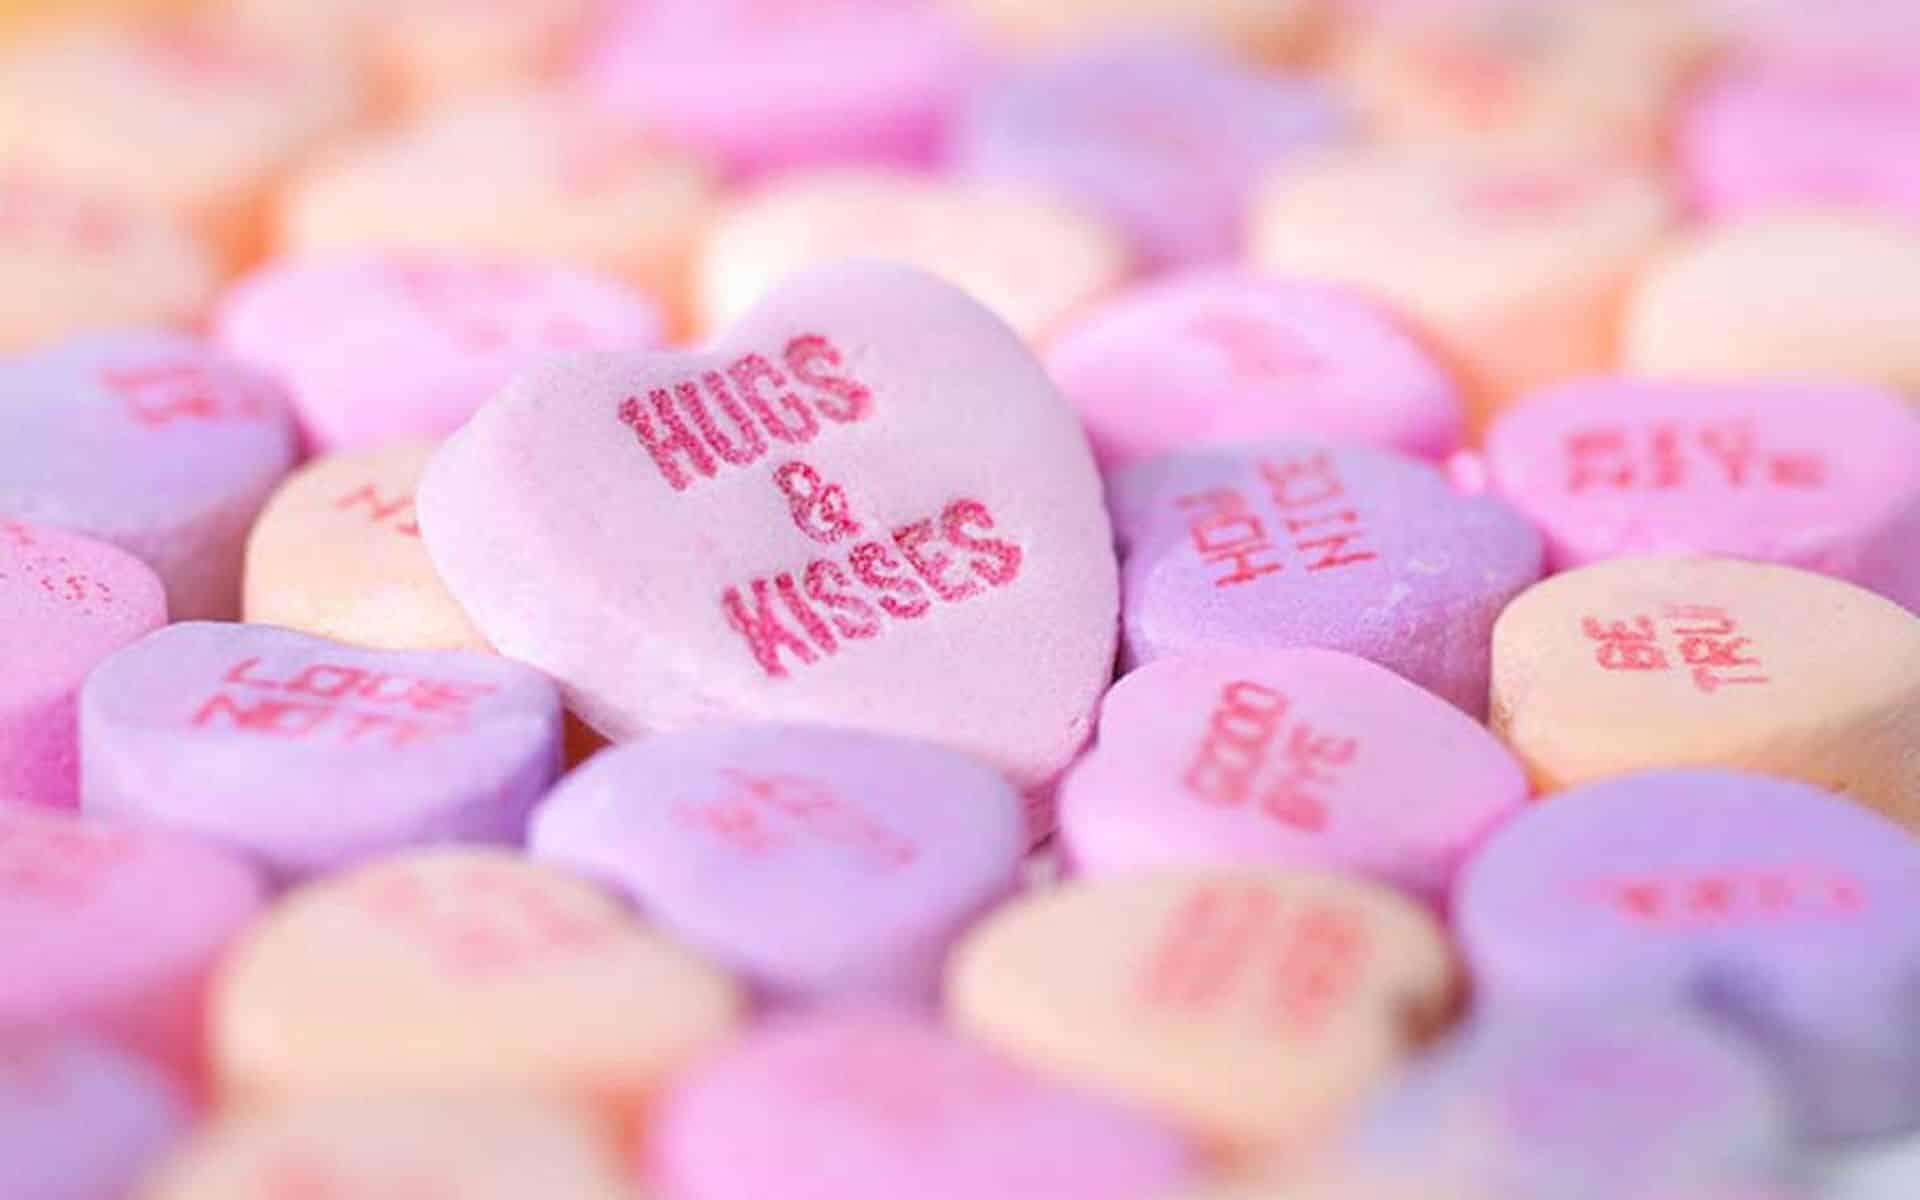 بالصور رسائل عيد الحب , اروع رسايل عيد الحب 5841 4